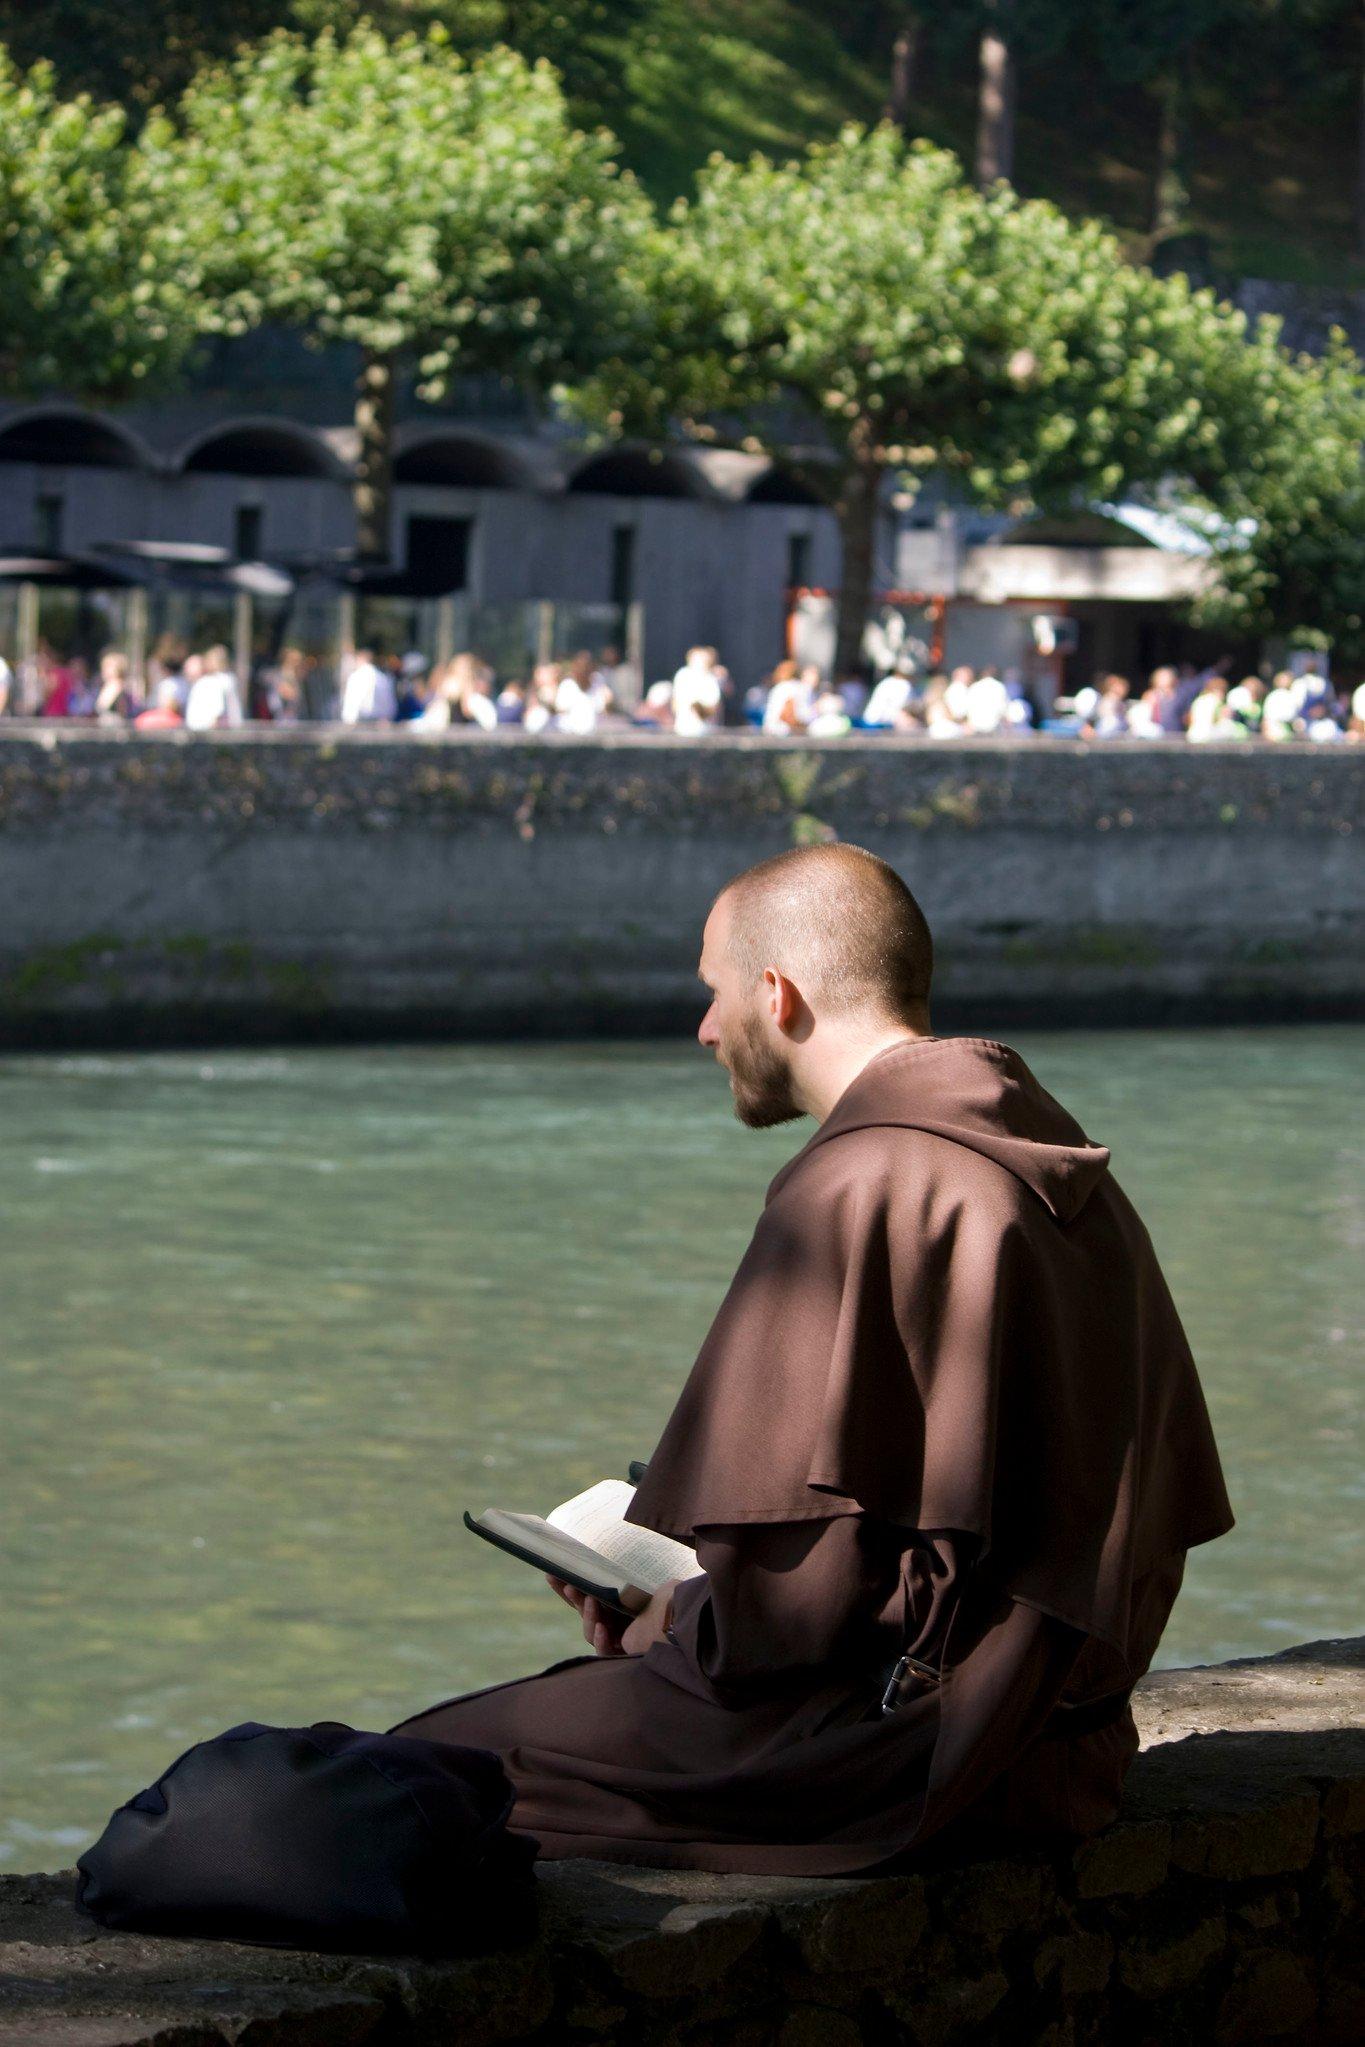 friar praying along a riverbank